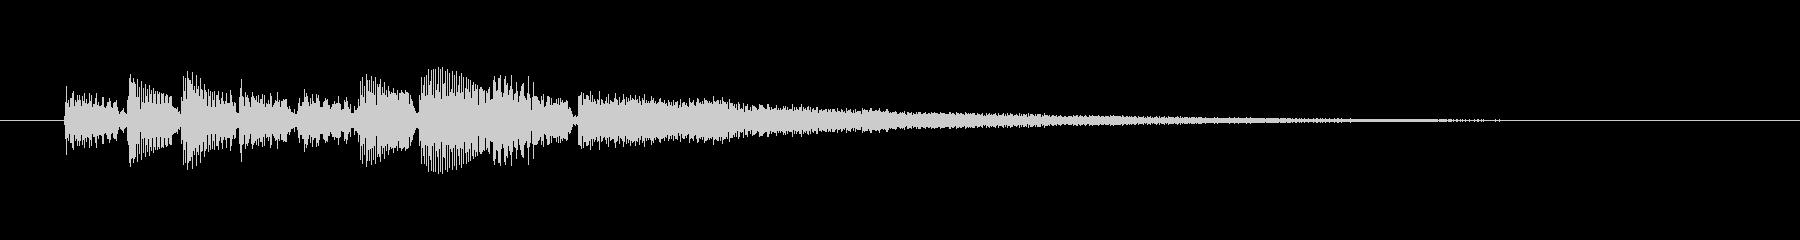 ベース・ギターのメロディーの未再生の波形